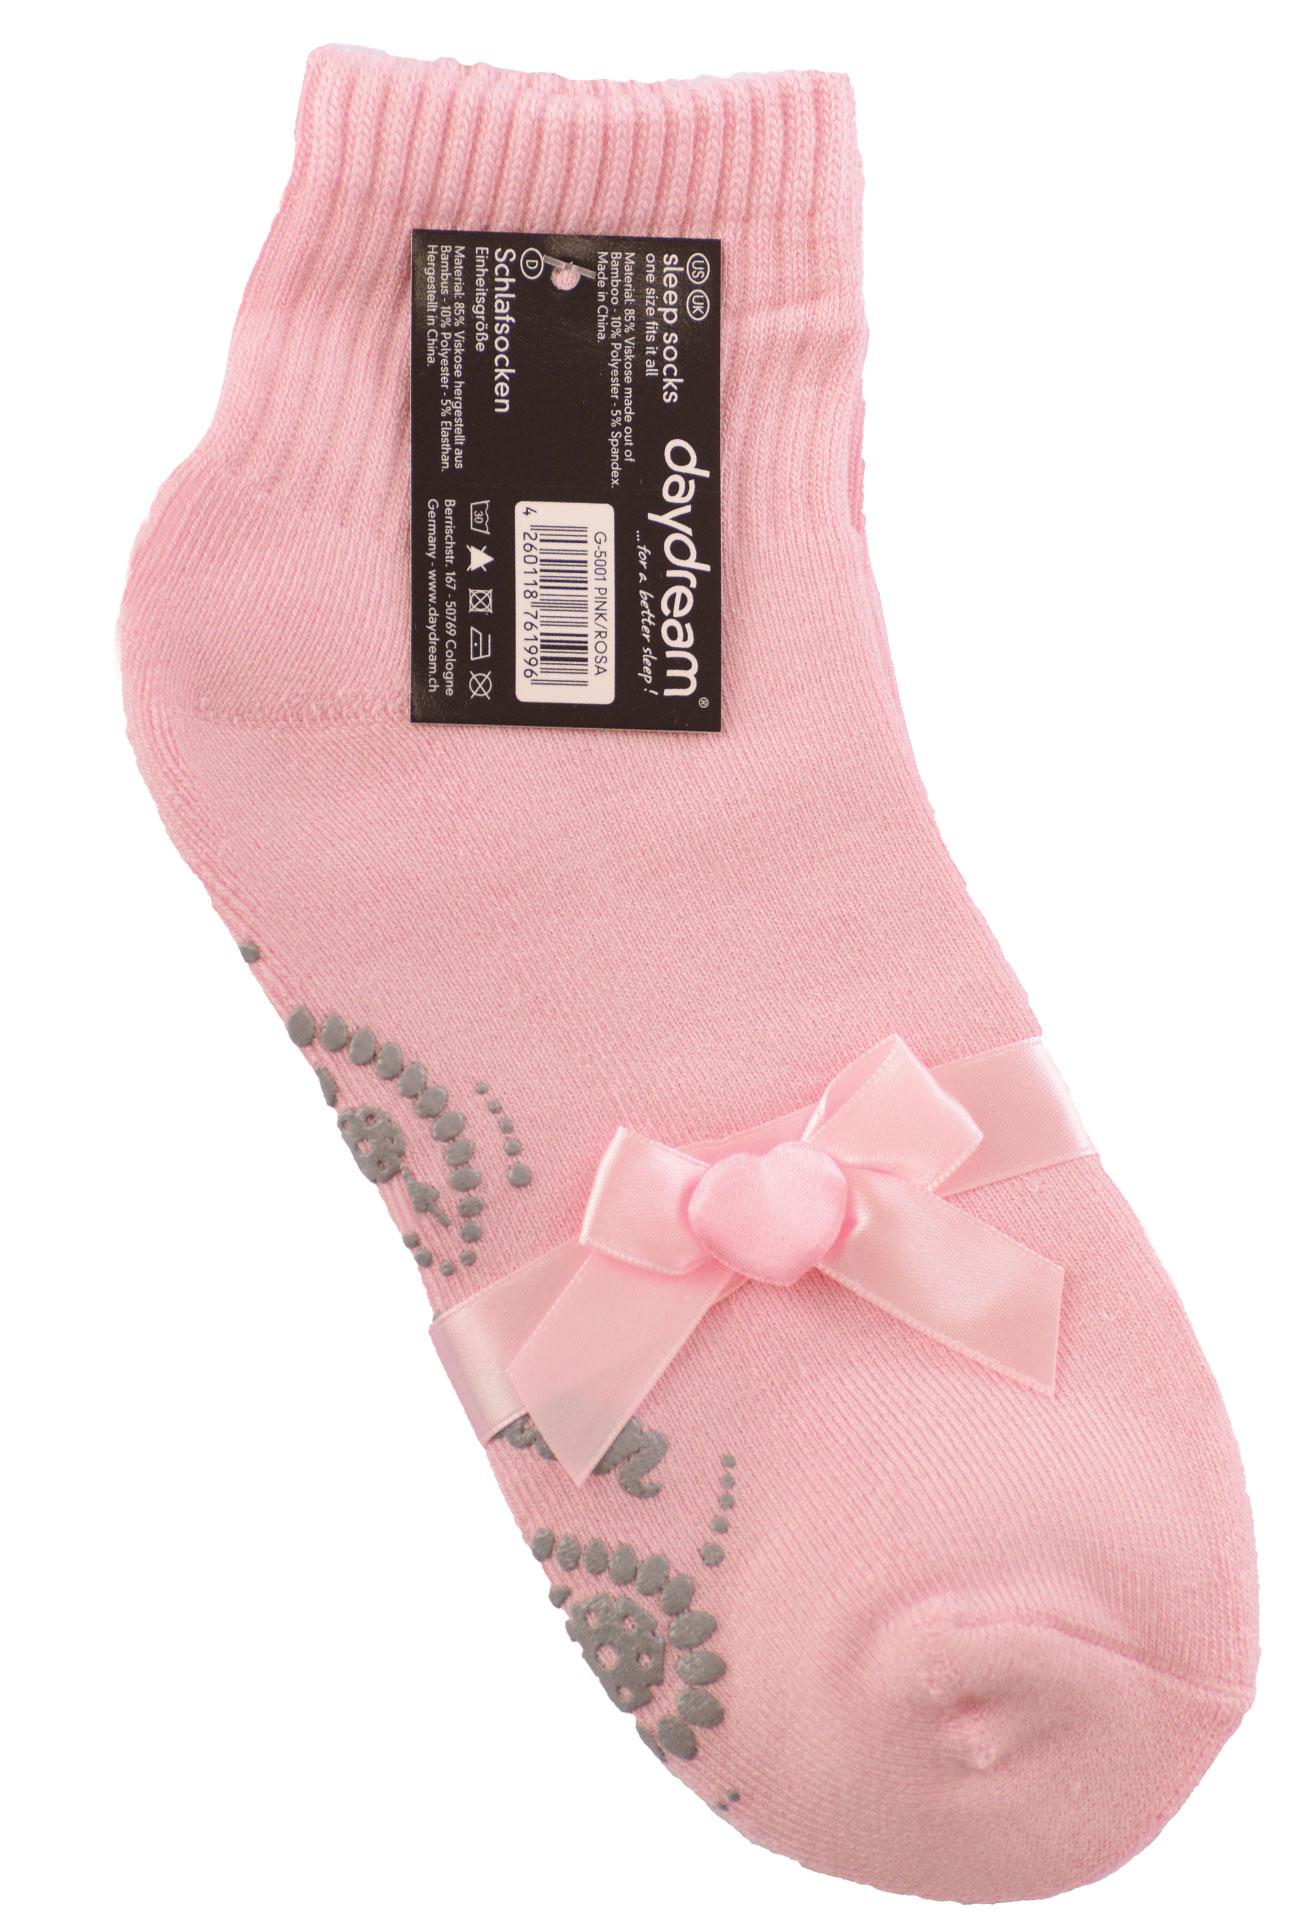 Ponožky na spaní - Růžové